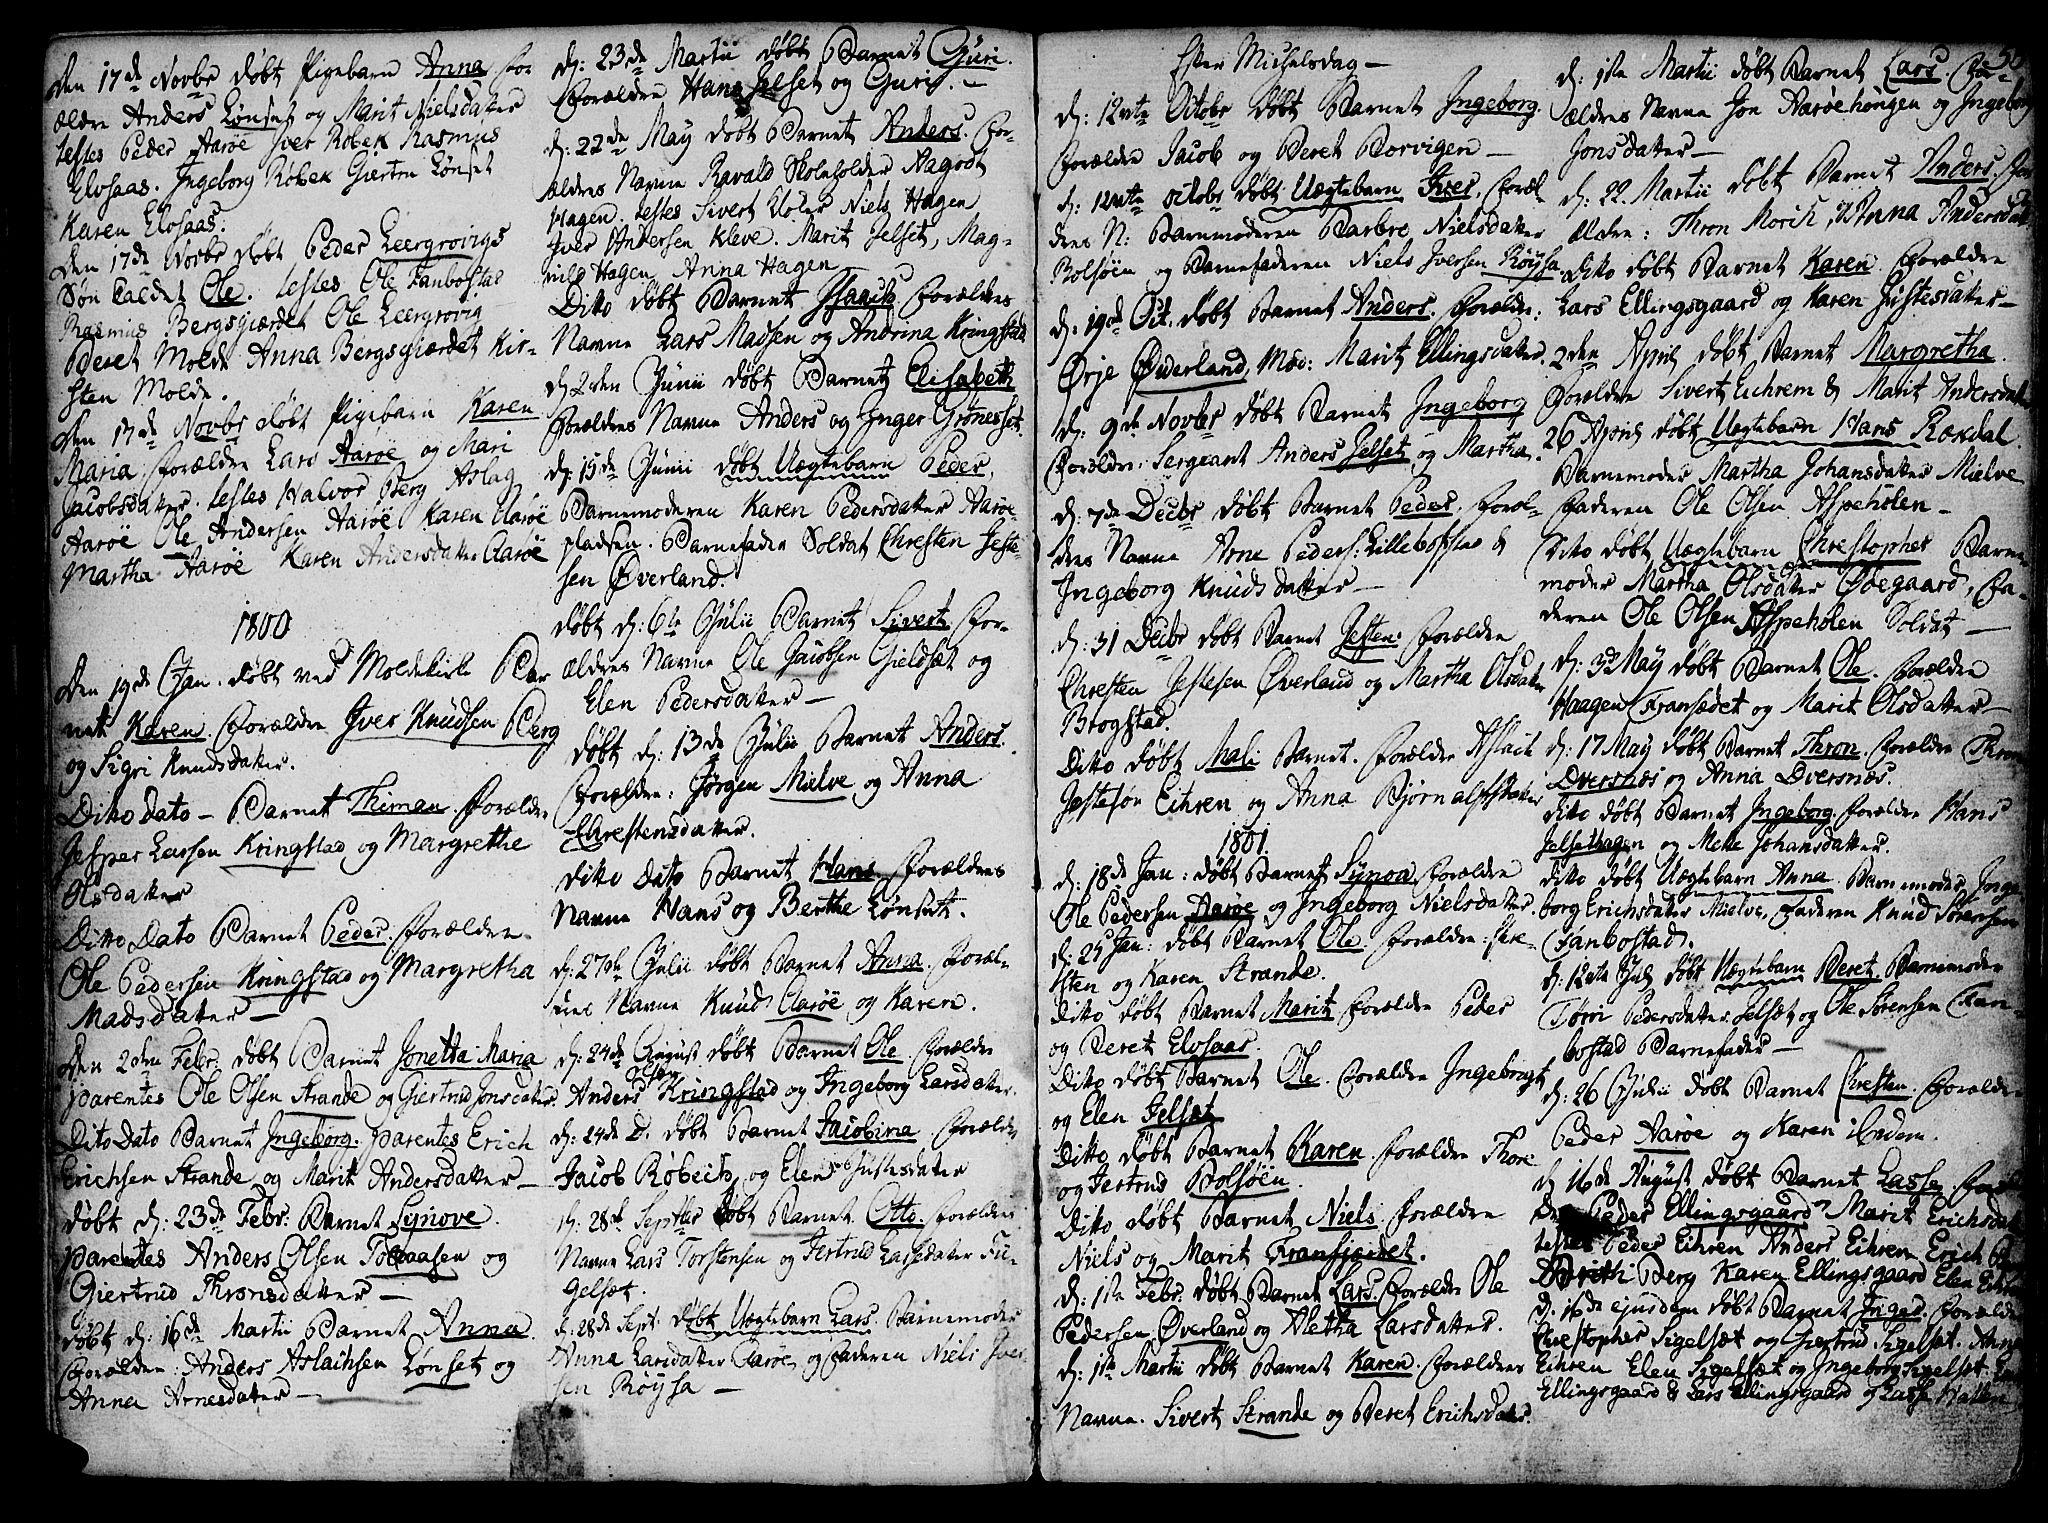 SAT, Ministerialprotokoller, klokkerbøker og fødselsregistre - Møre og Romsdal, 555/L0649: Ministerialbok nr. 555A02 /1, 1795-1821, s. 55